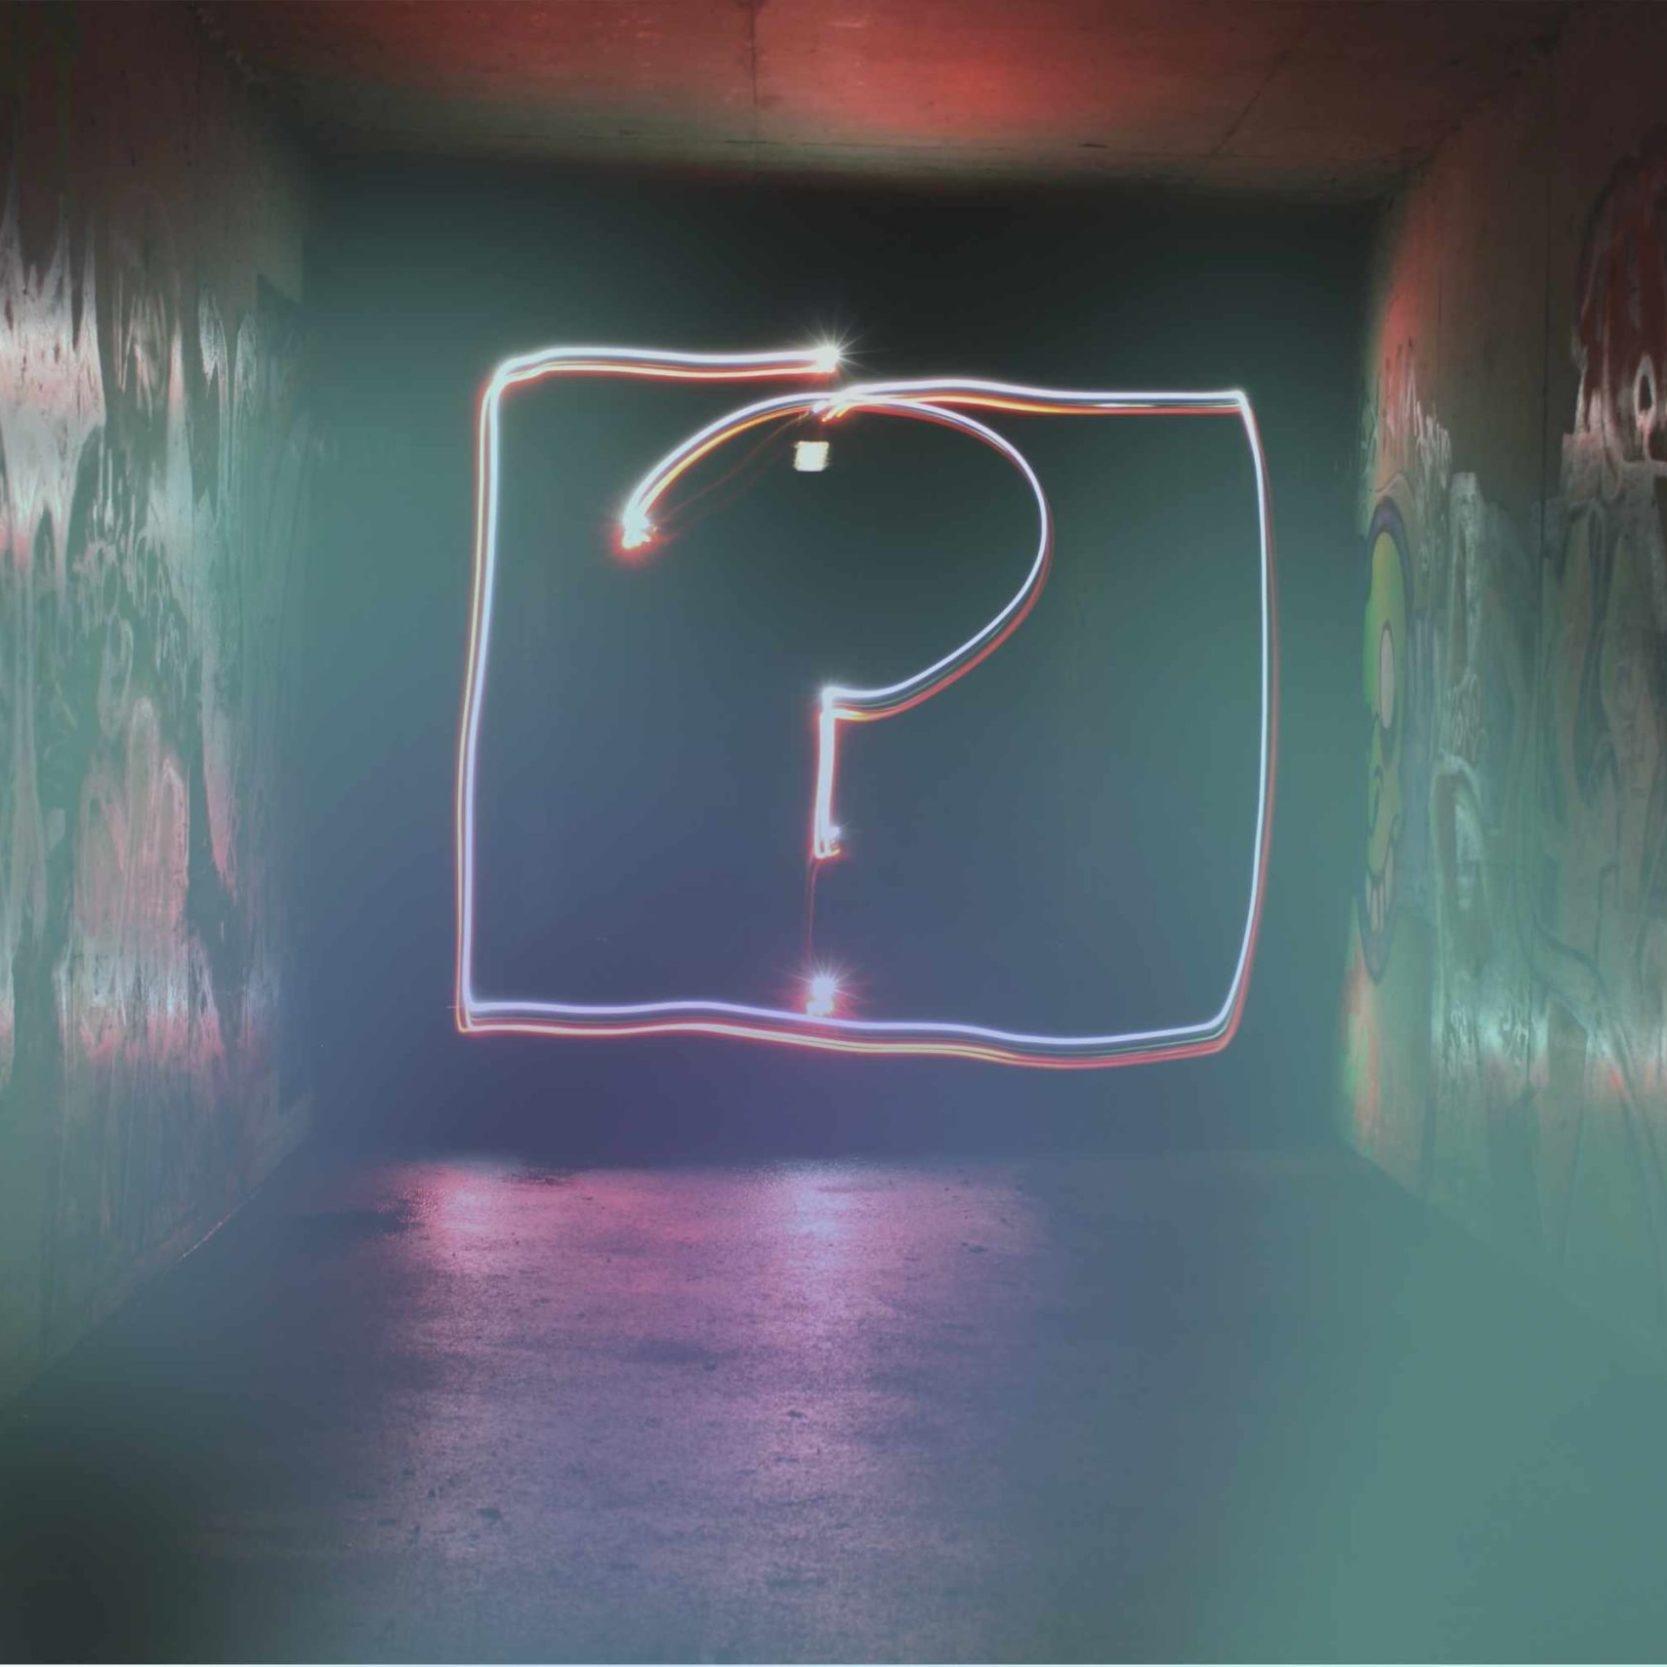 Fragezeichen aus Licht zur Frage Business Intelligence oder Business Analytics